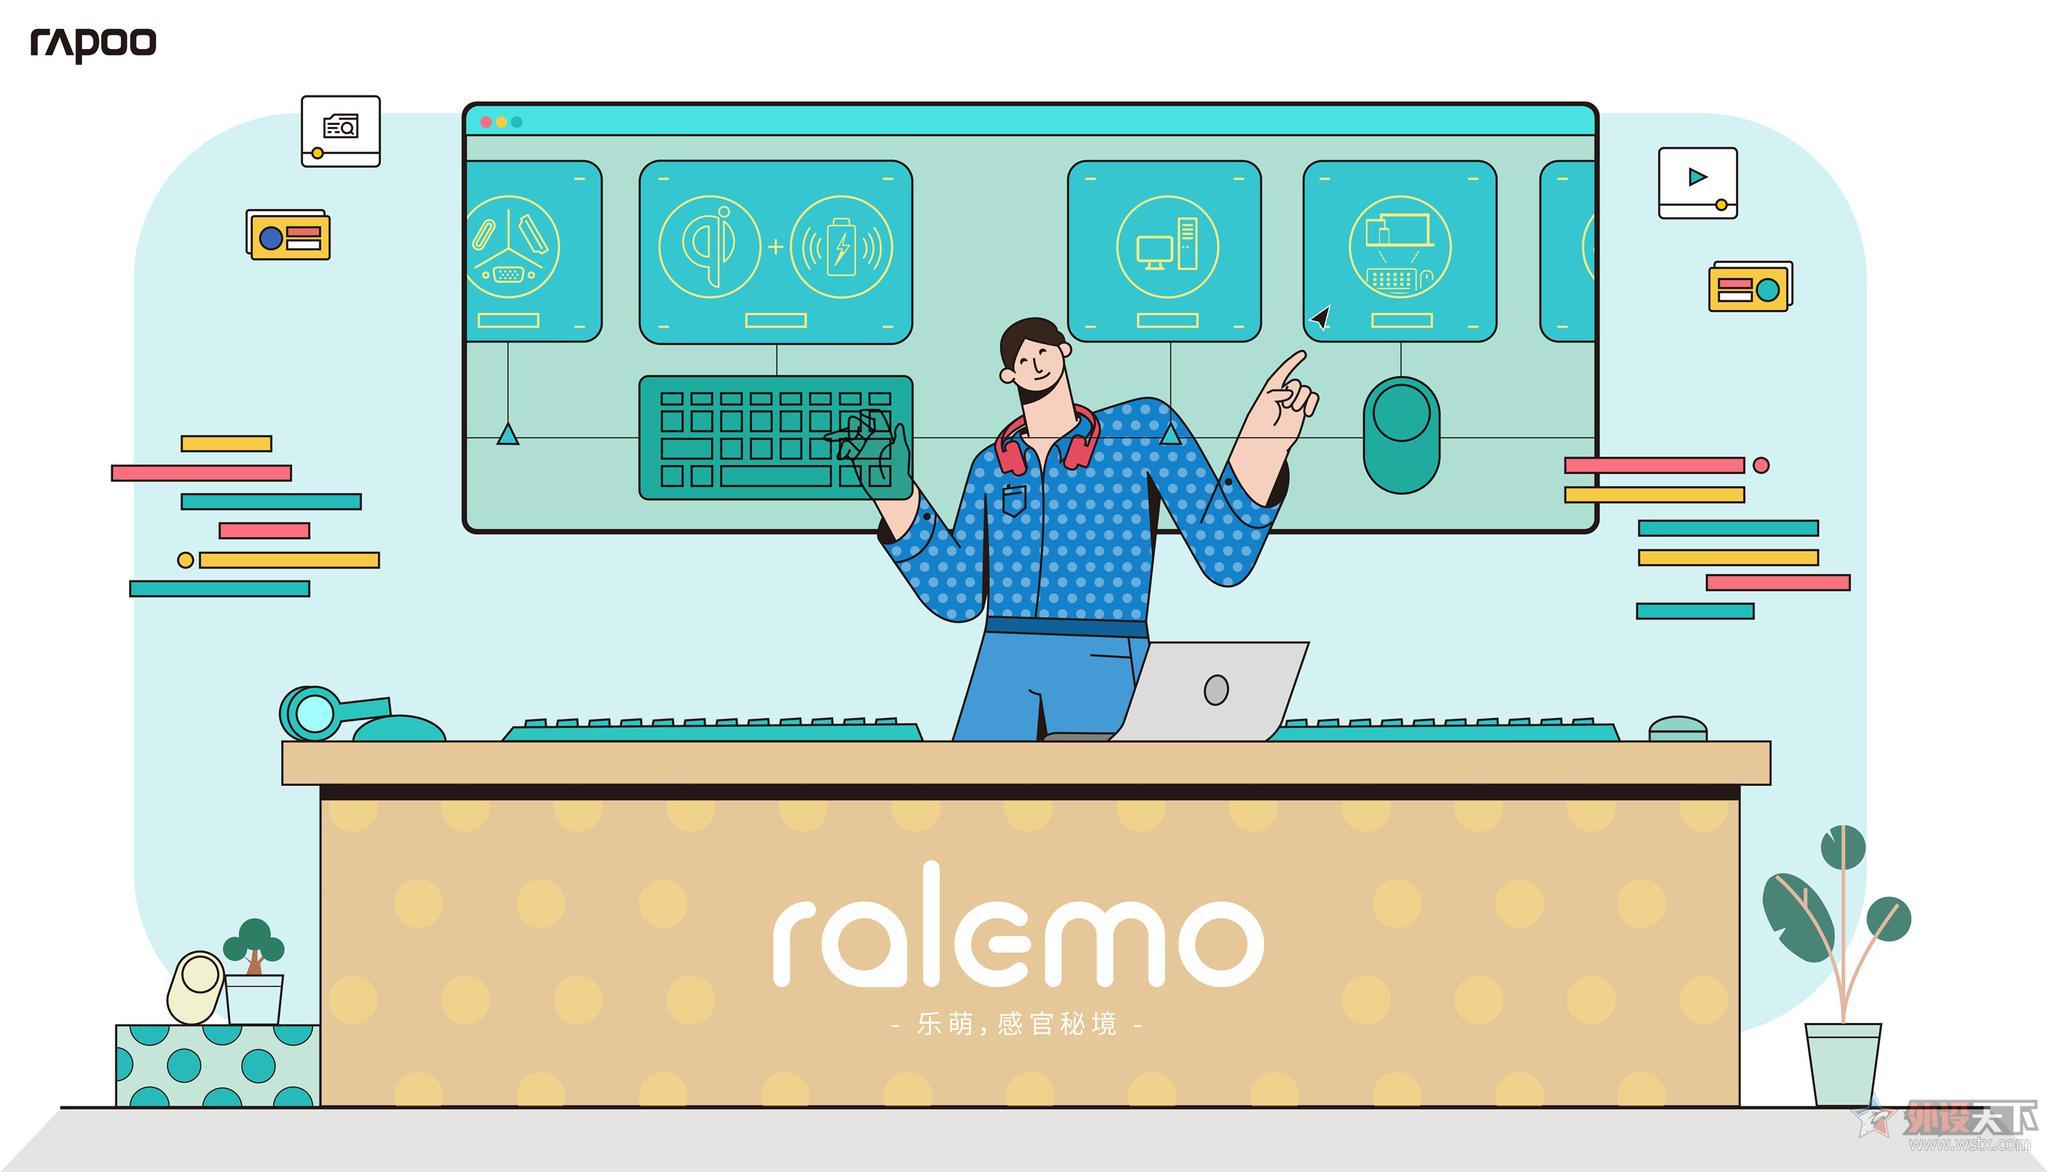 """雷柏新女性系列ralemo,重塑乐萌""""她力量"""""""